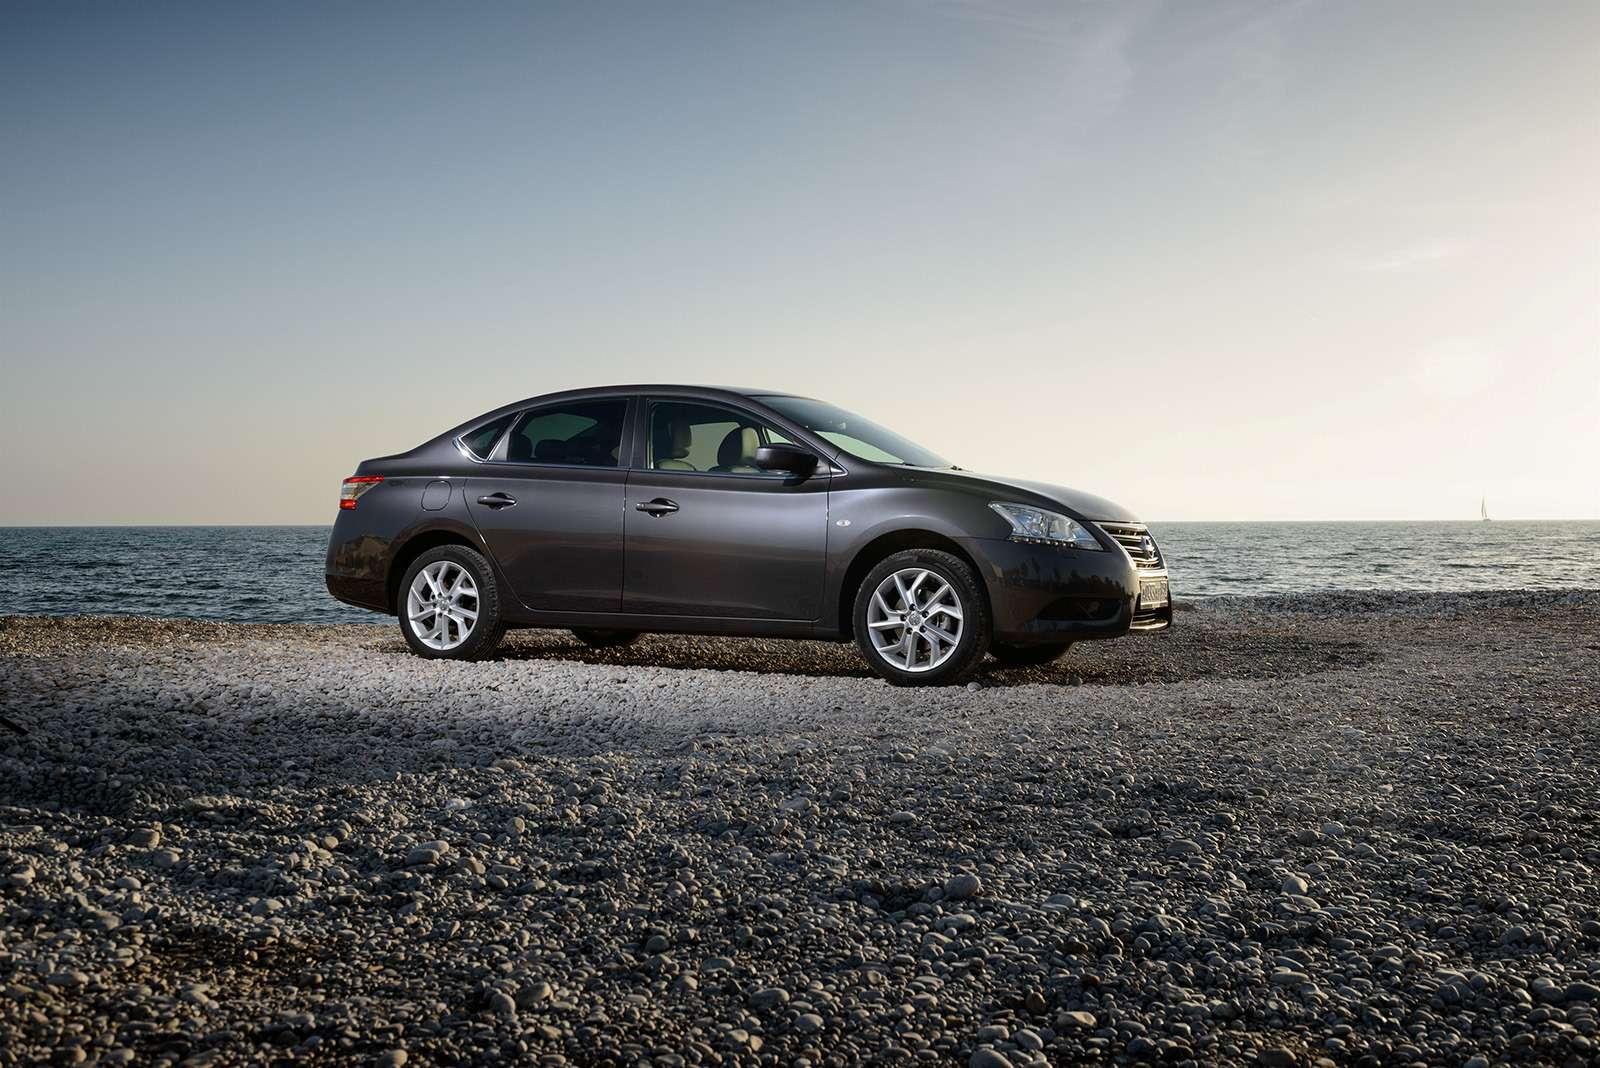 Двемодели Nissan ушли сроссийского рынка. Какие ипочему?— фото 817282